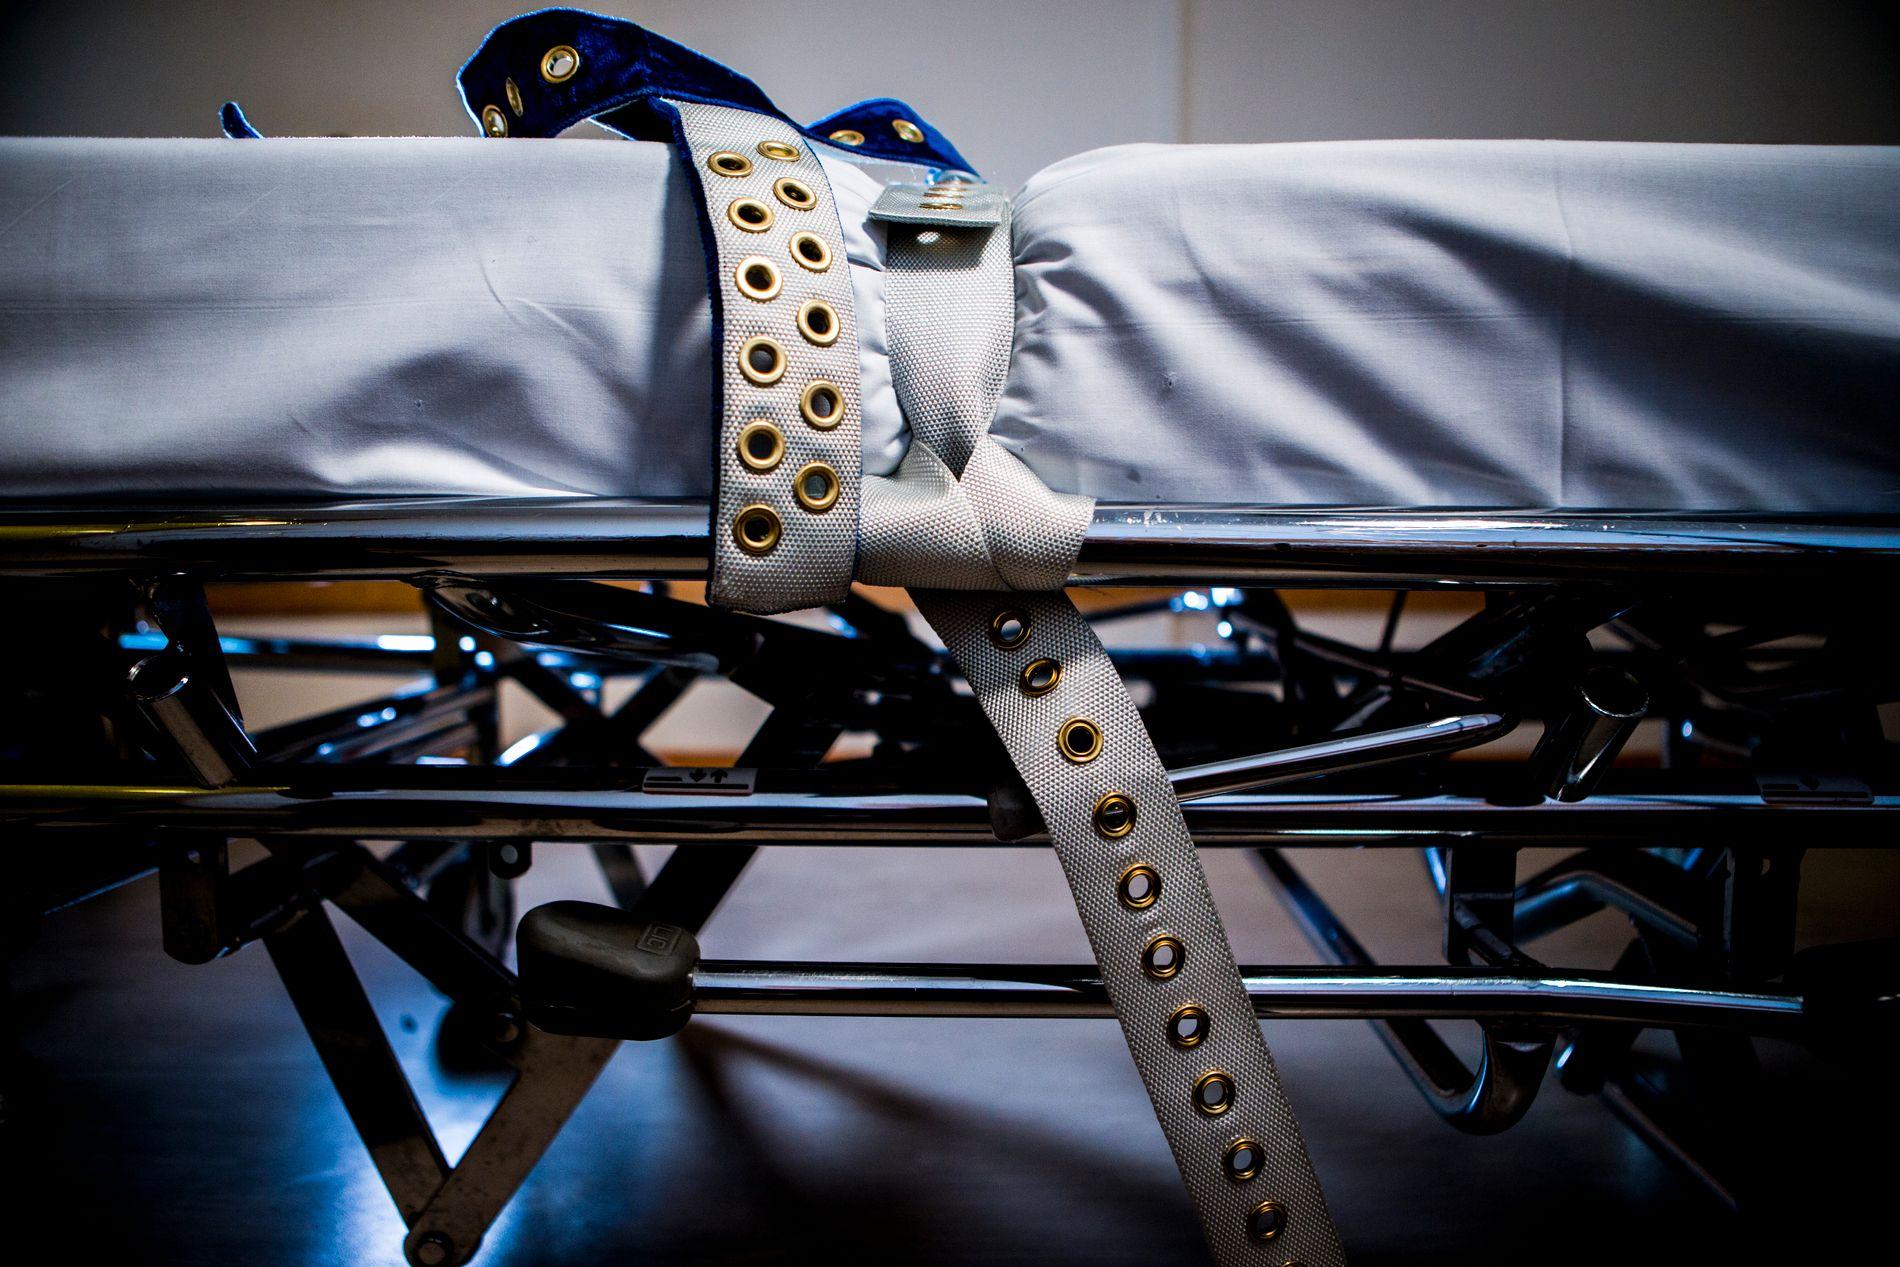 BELTESENG: VG har avslørt ulovlig og omstridt tvangsbruk i norsk psykiatri.